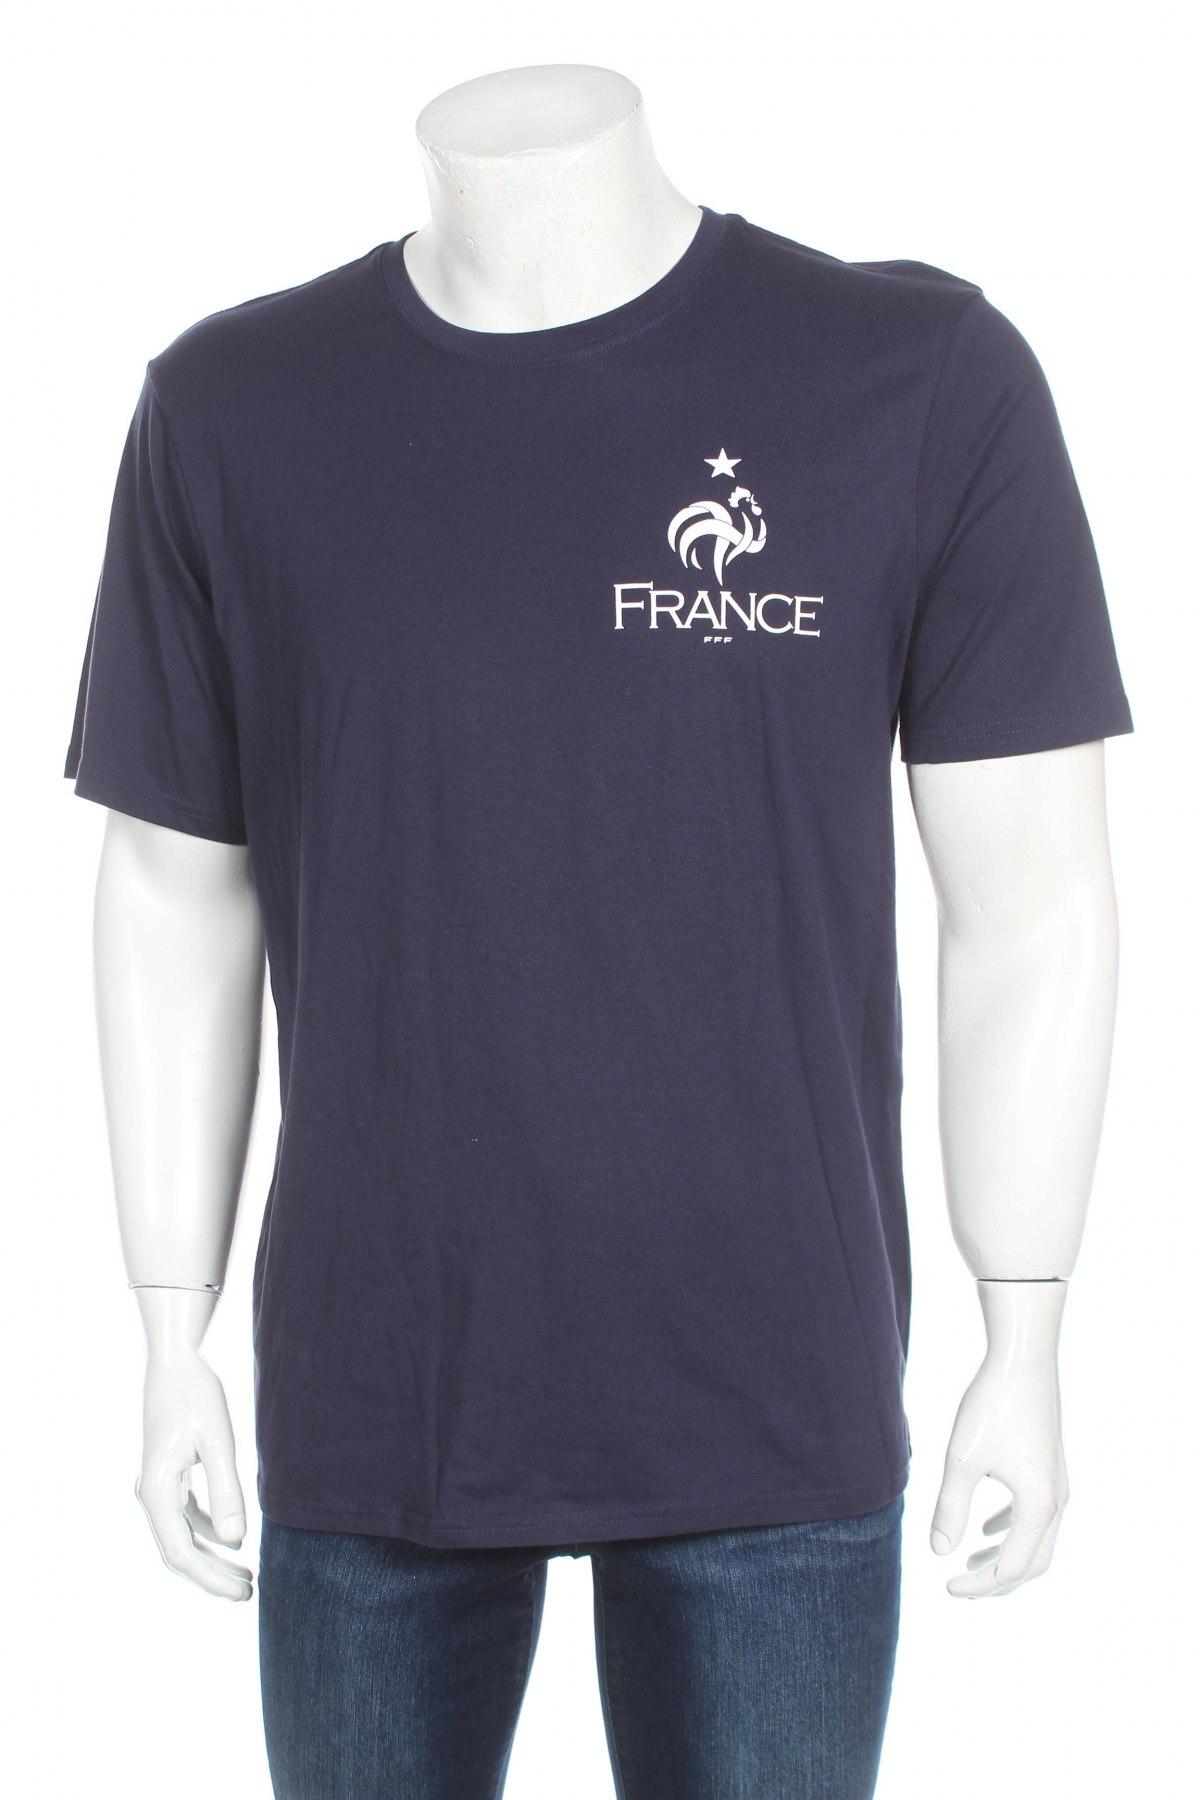 Мъжка тениска FFF France, Размер L, Цвят Син, Памук, Цена 11,70лв.